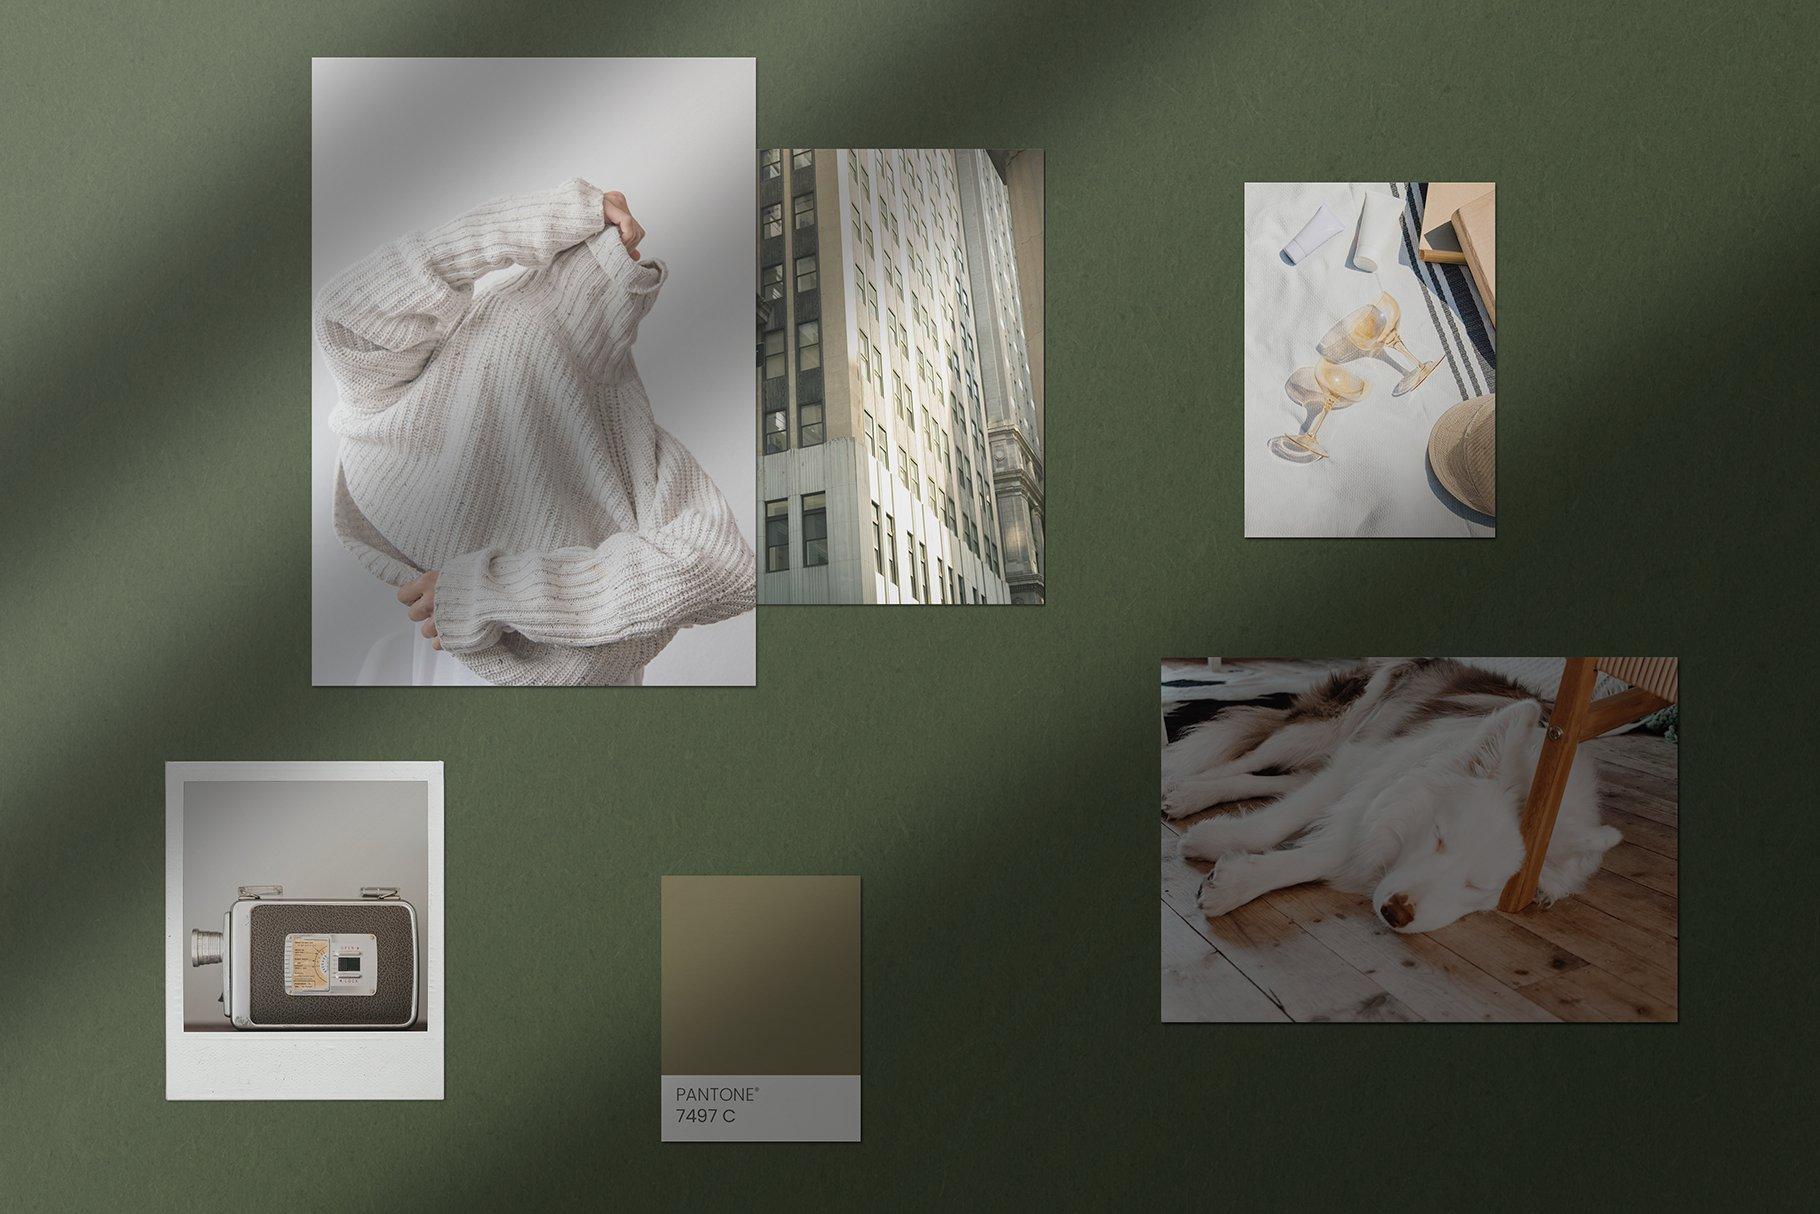 优雅剪贴相片情绪版卡片拼贴设计智能贴图展示样机 Moodboard Mockup Kit插图(5)